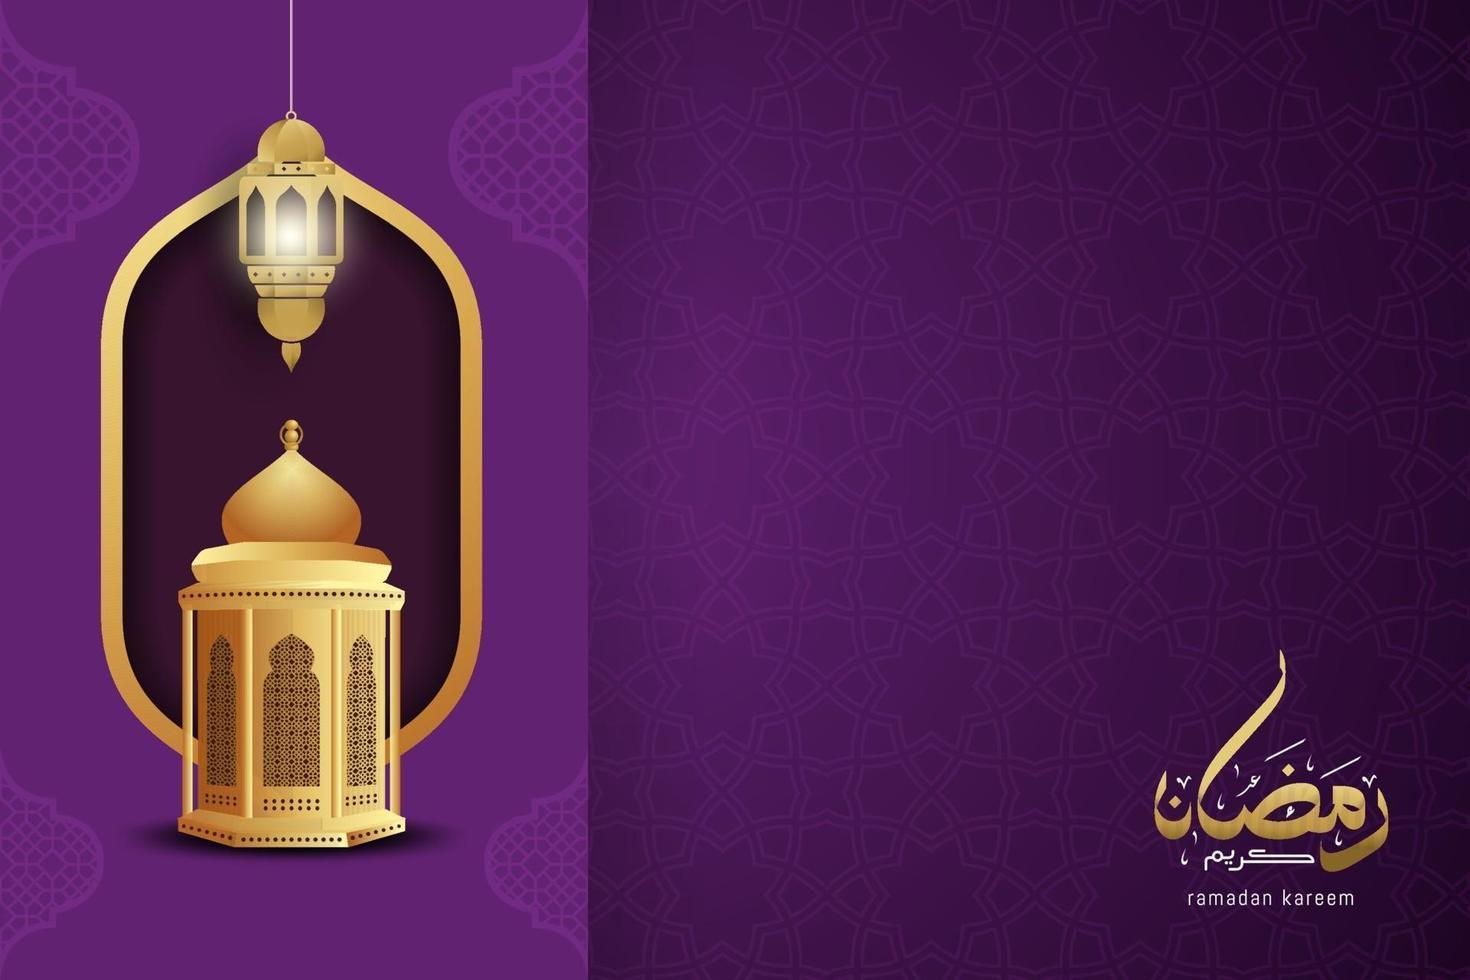 tarjeta de felicitación de ramadan kareem con caligrafía árabe vector